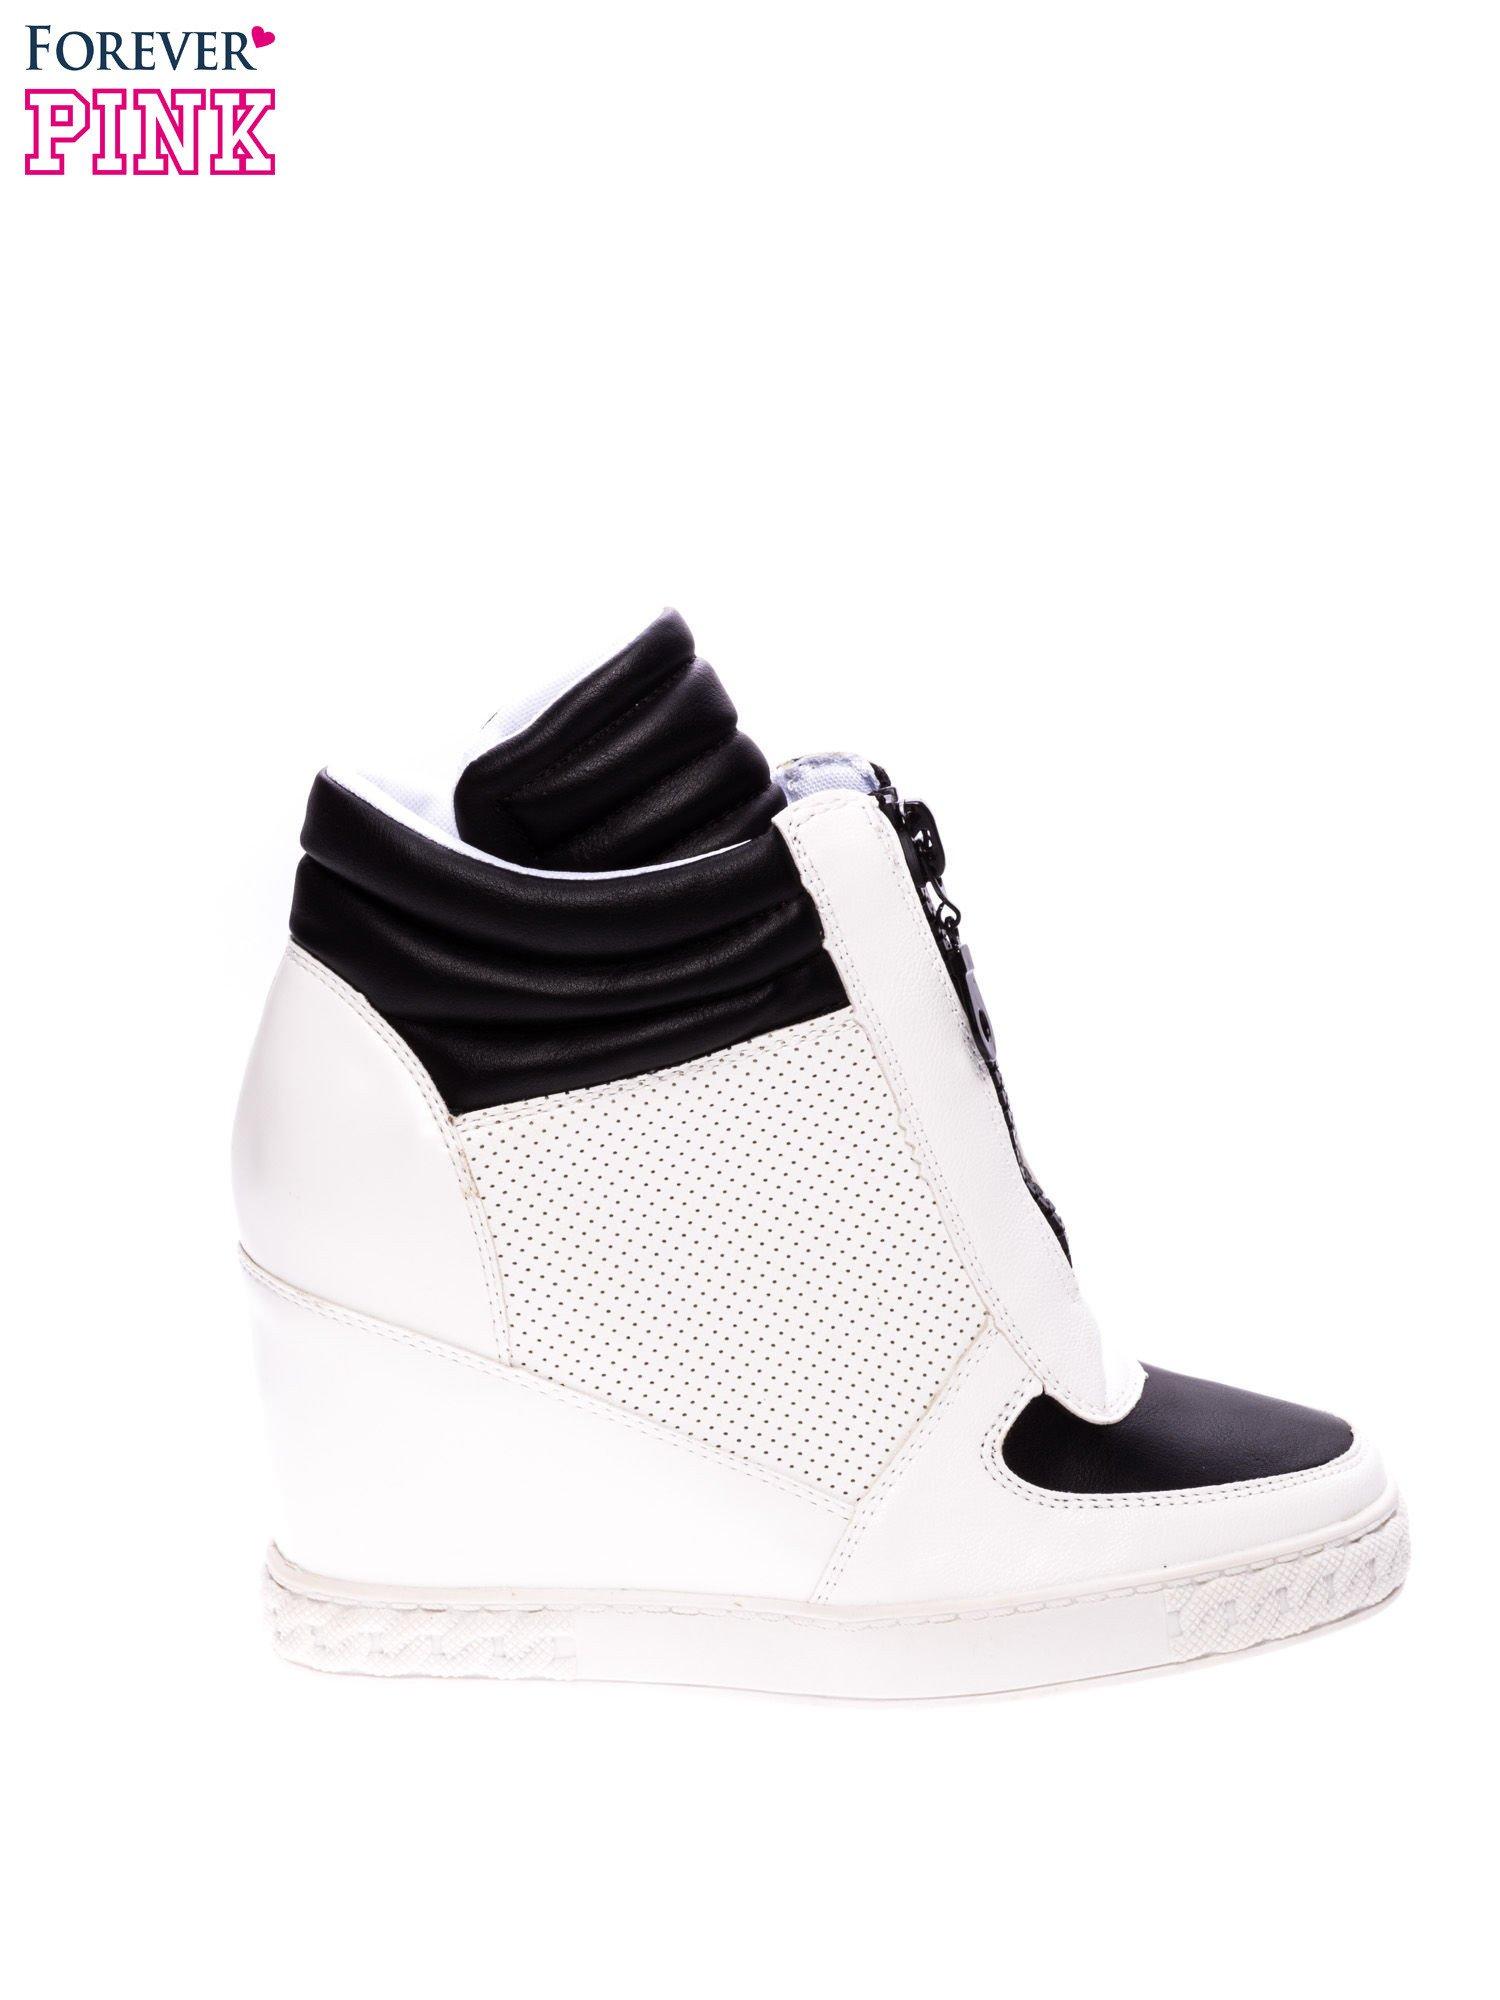 Biało-czarne sneakersy z ażurowym wzorem                                  zdj.                                  1